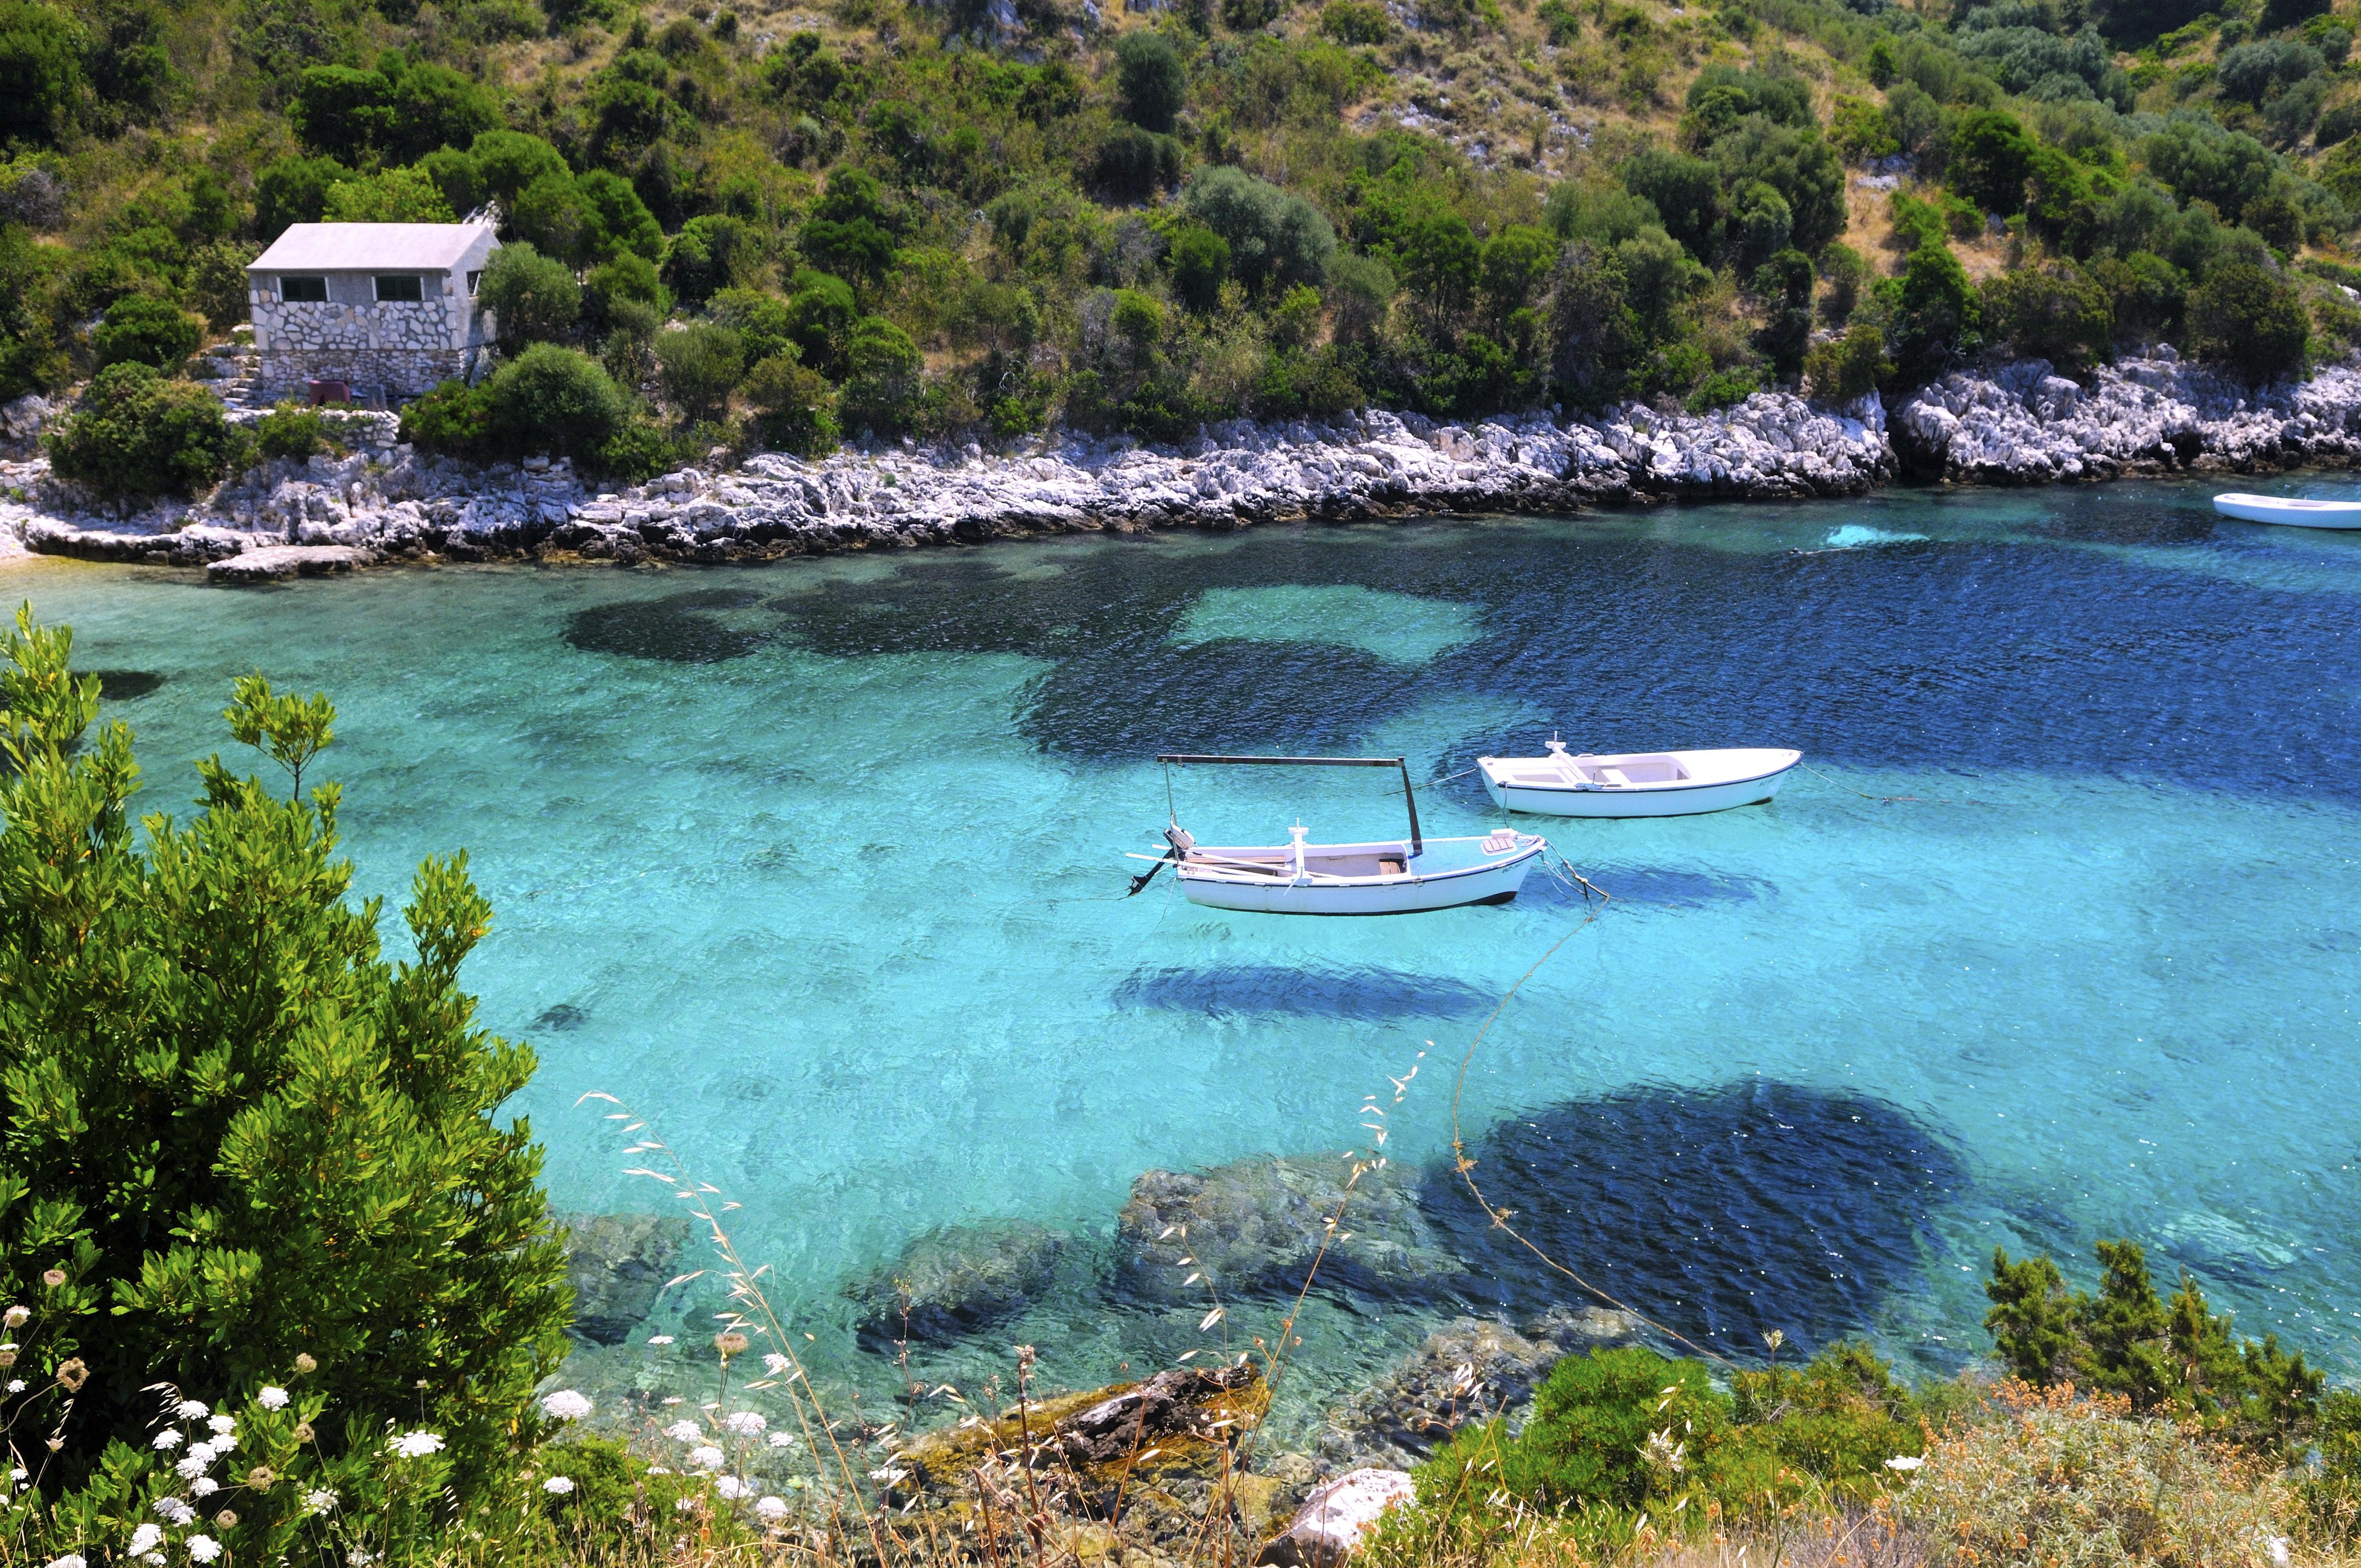 5 unikke øer langs Kroatiens smukke kyst